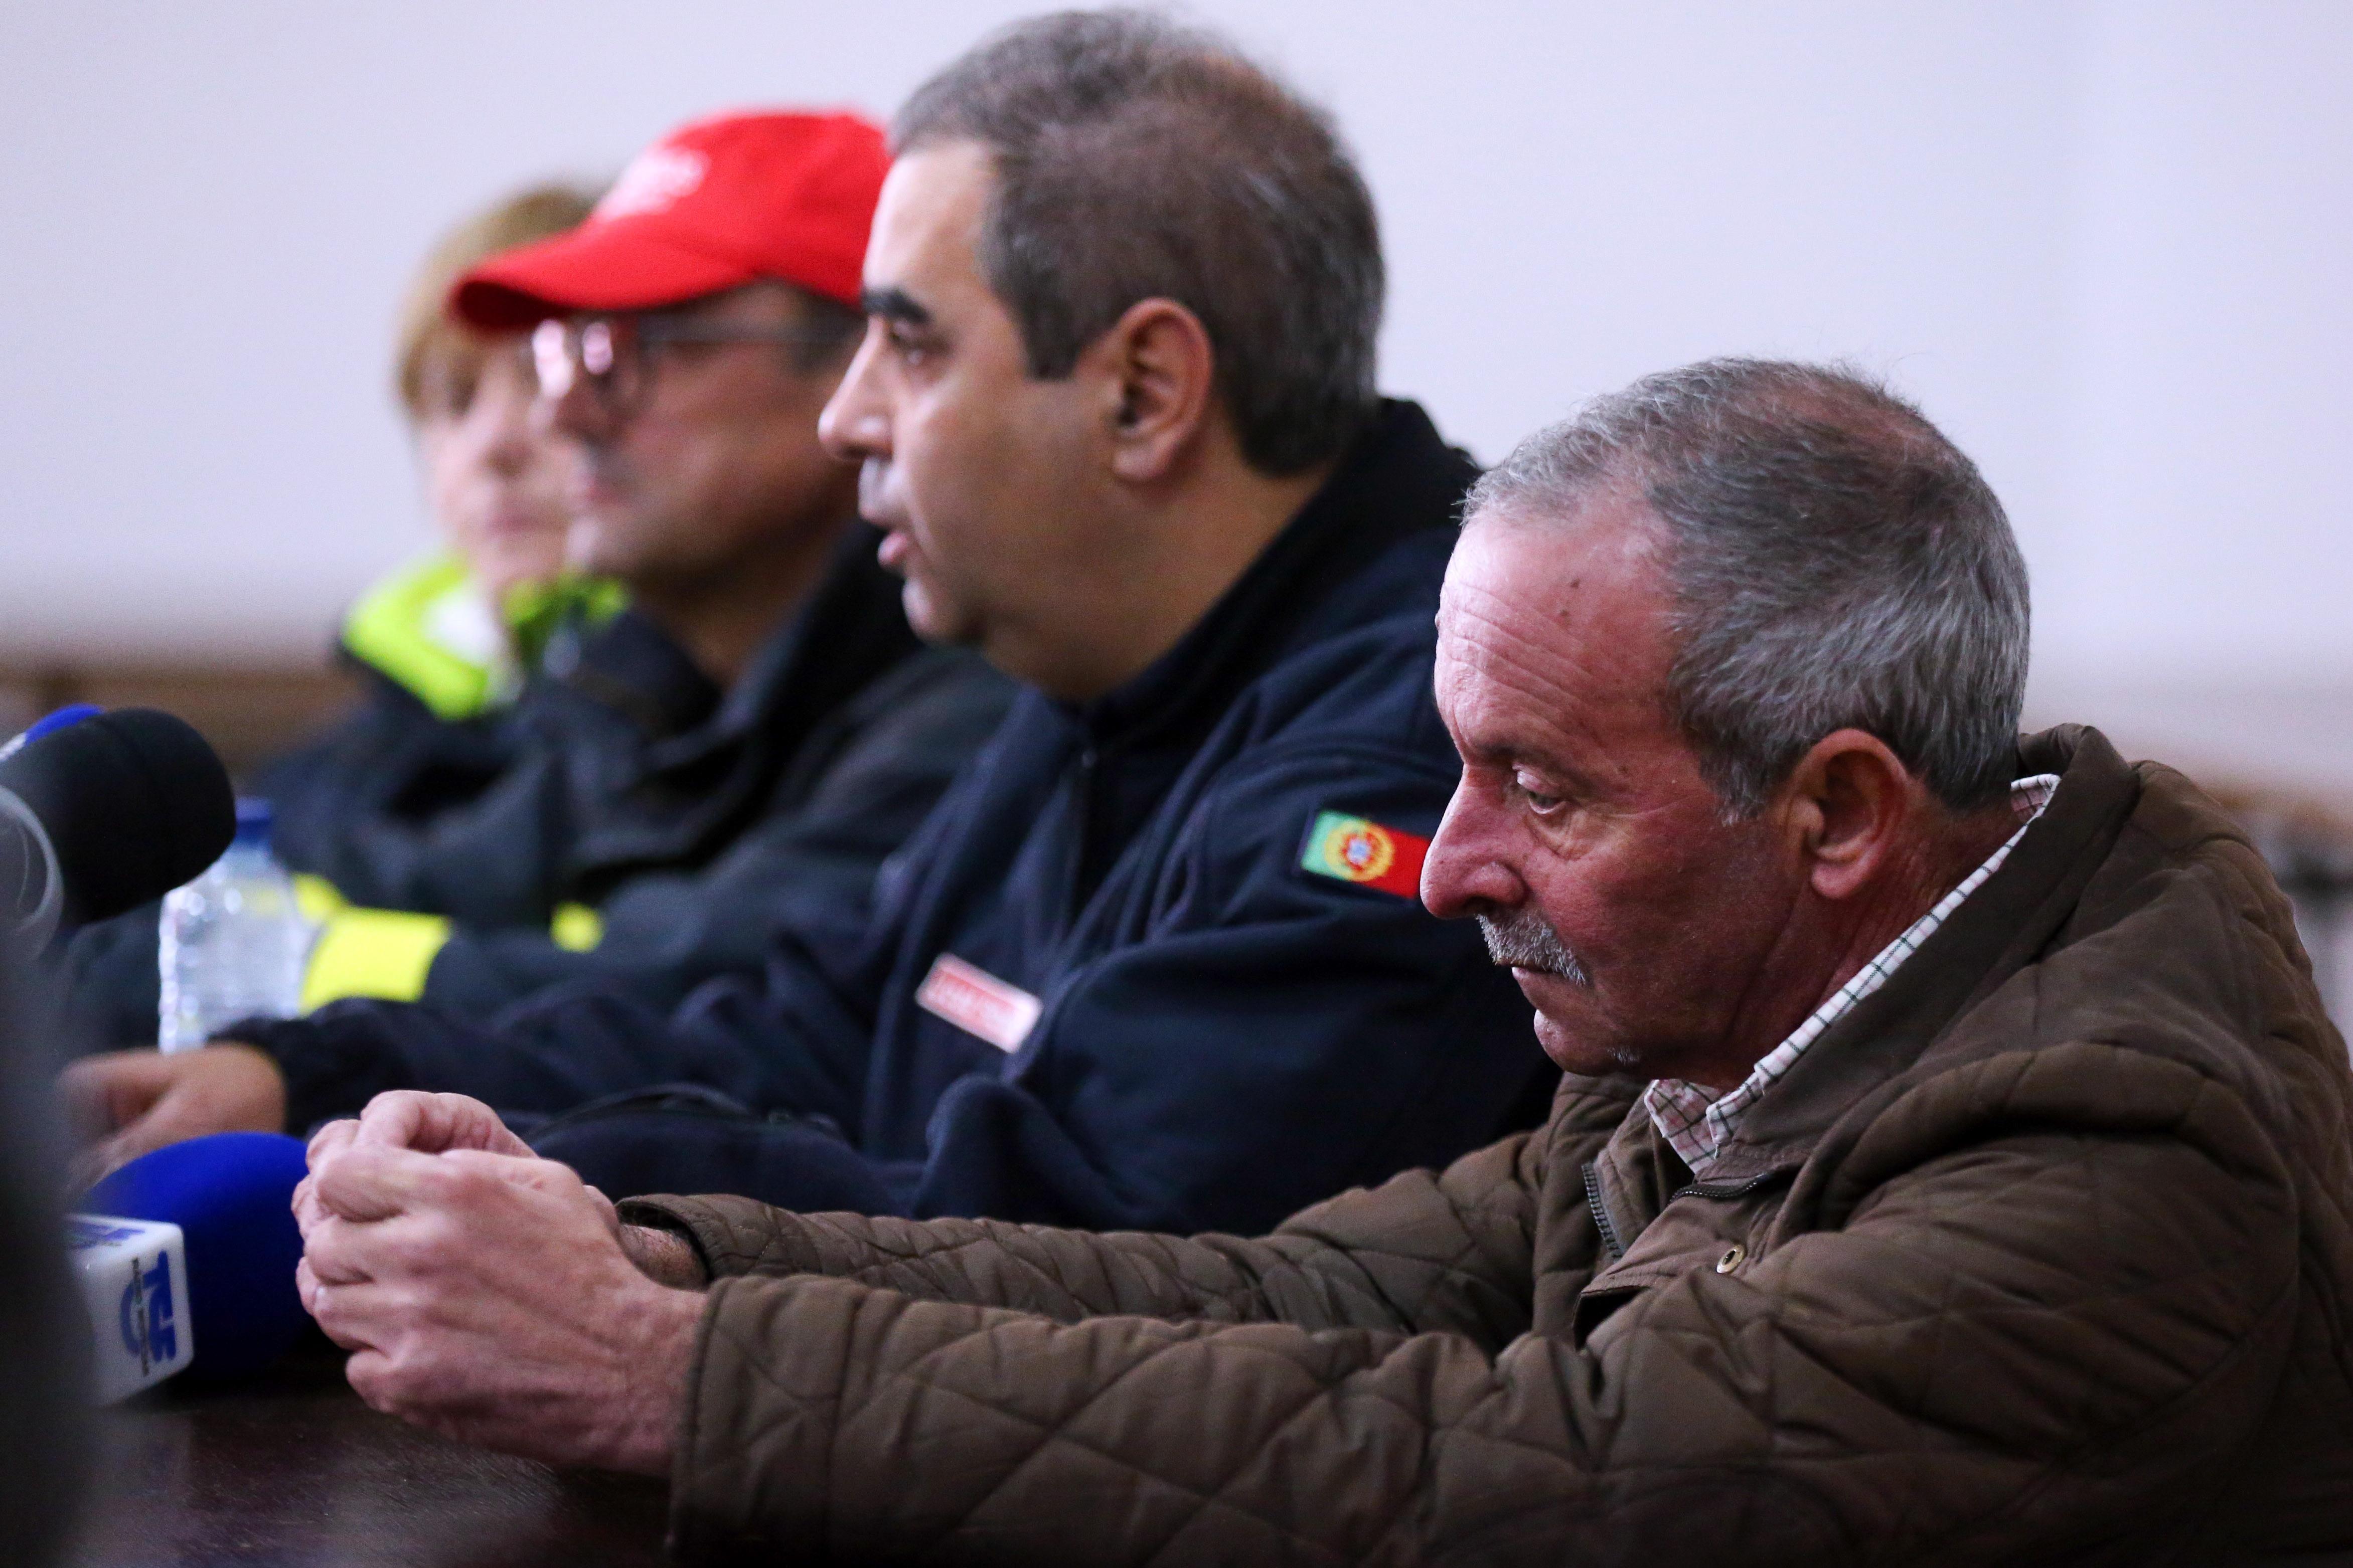 Operações de resgate em Borba com recurso a grua e motobombas